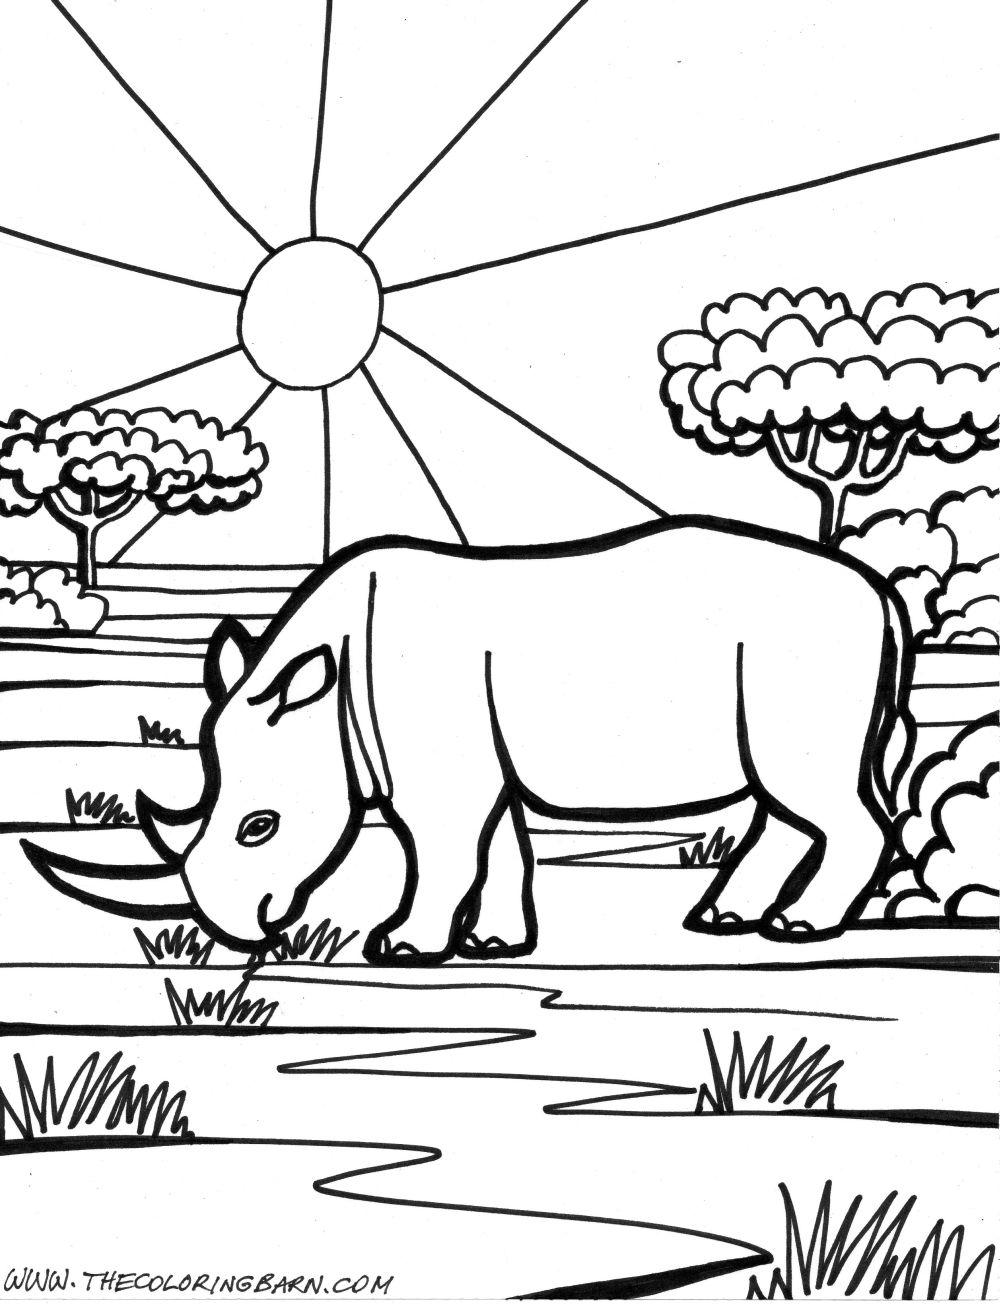 rhinoceros coloring page jpg